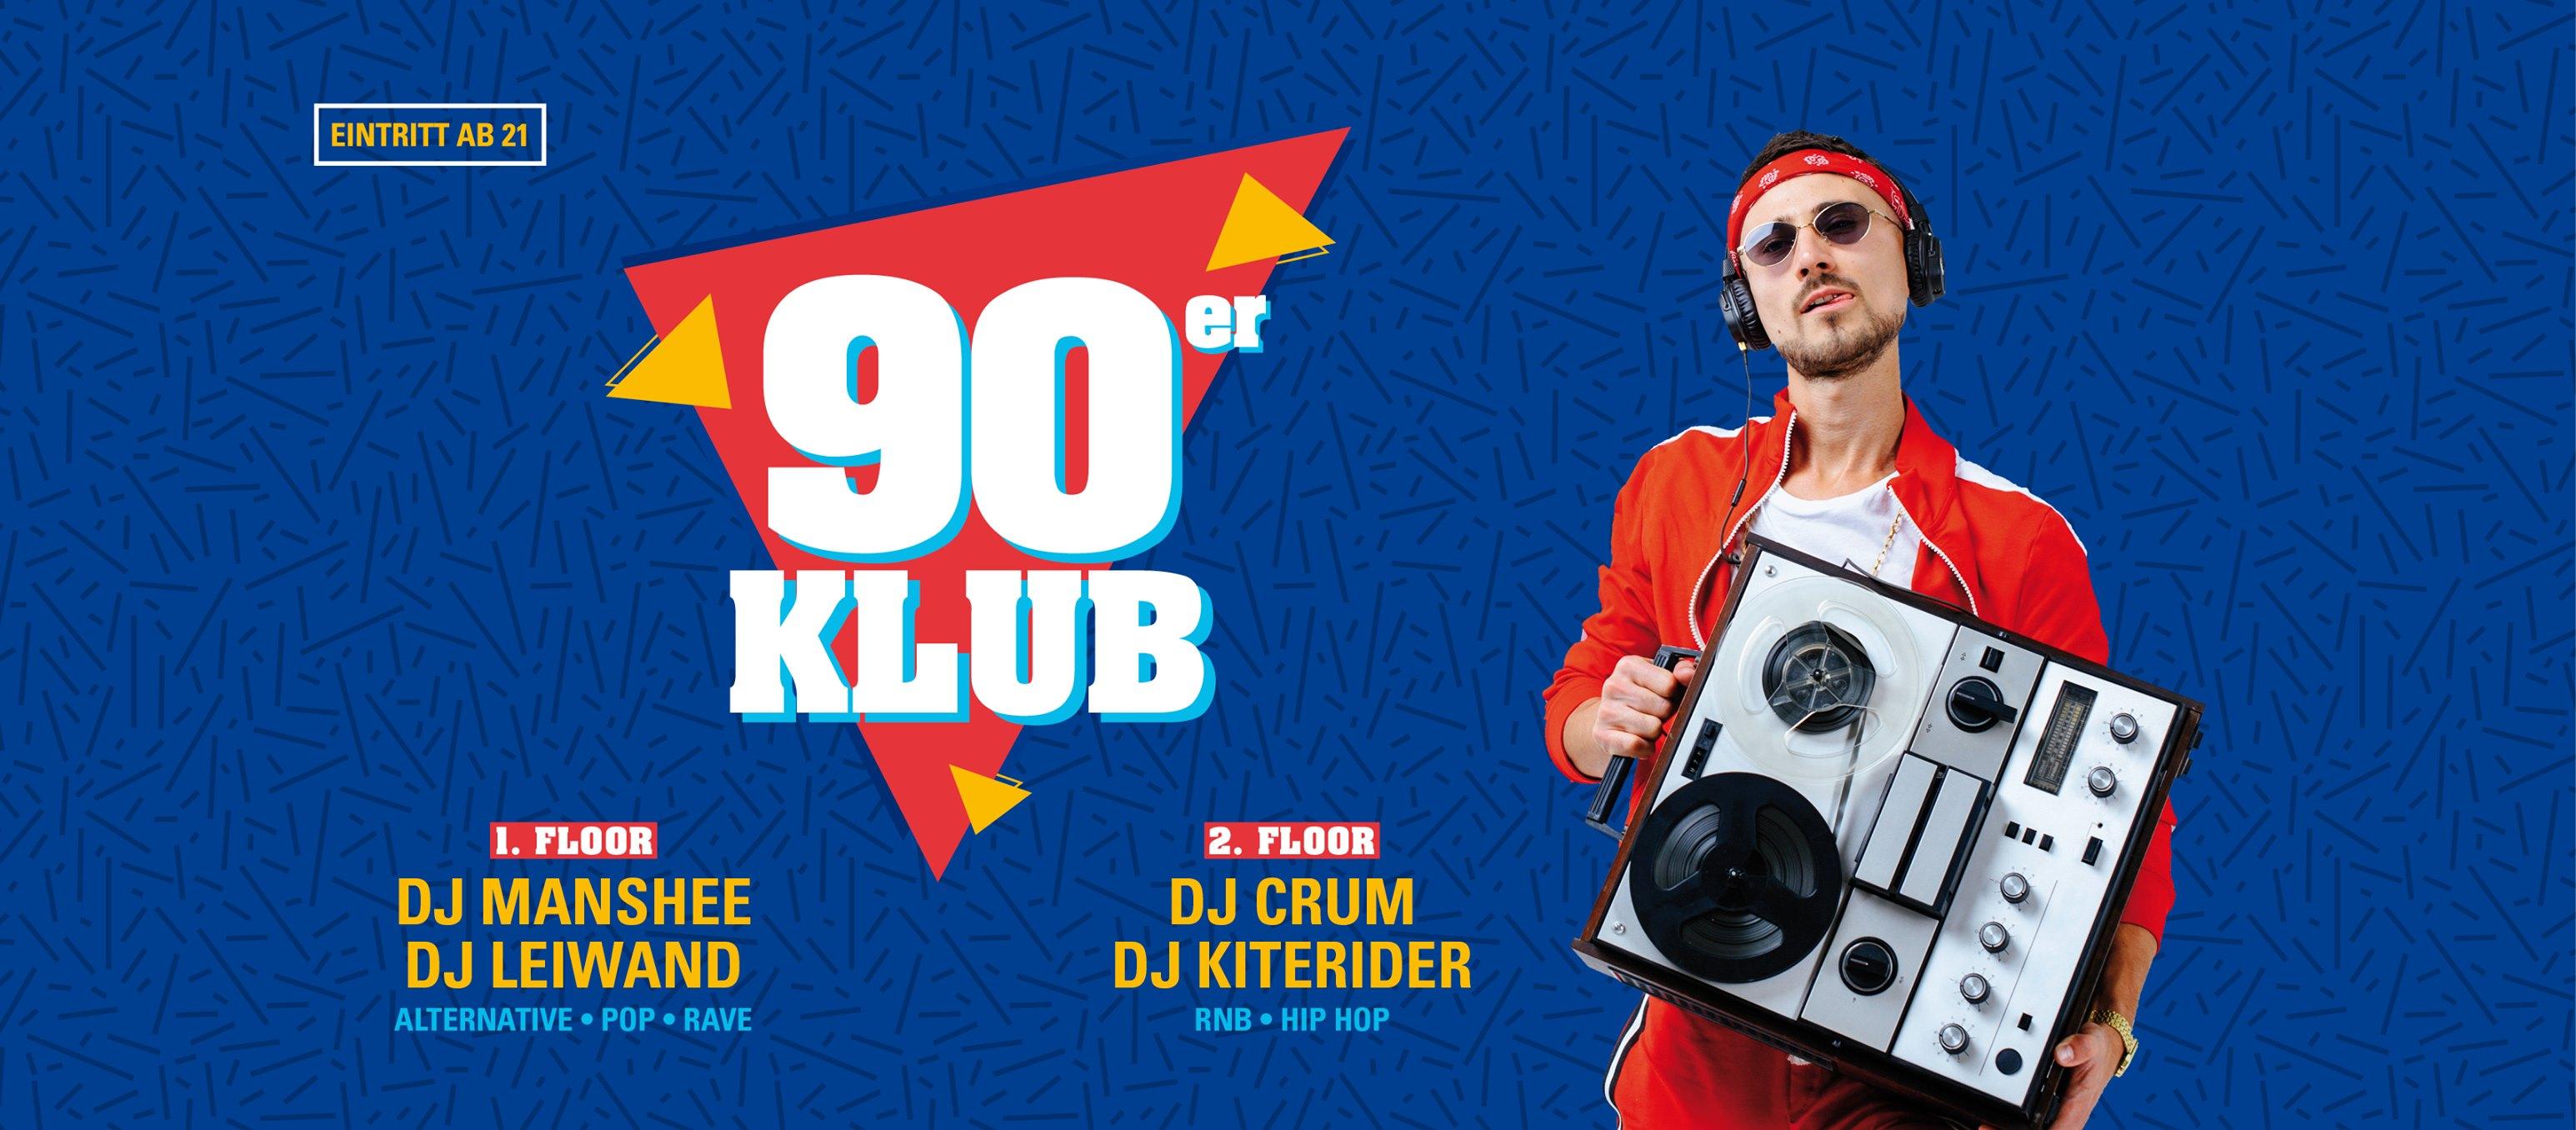 90er Klub – mit 2 Floors ab 21 Jahren